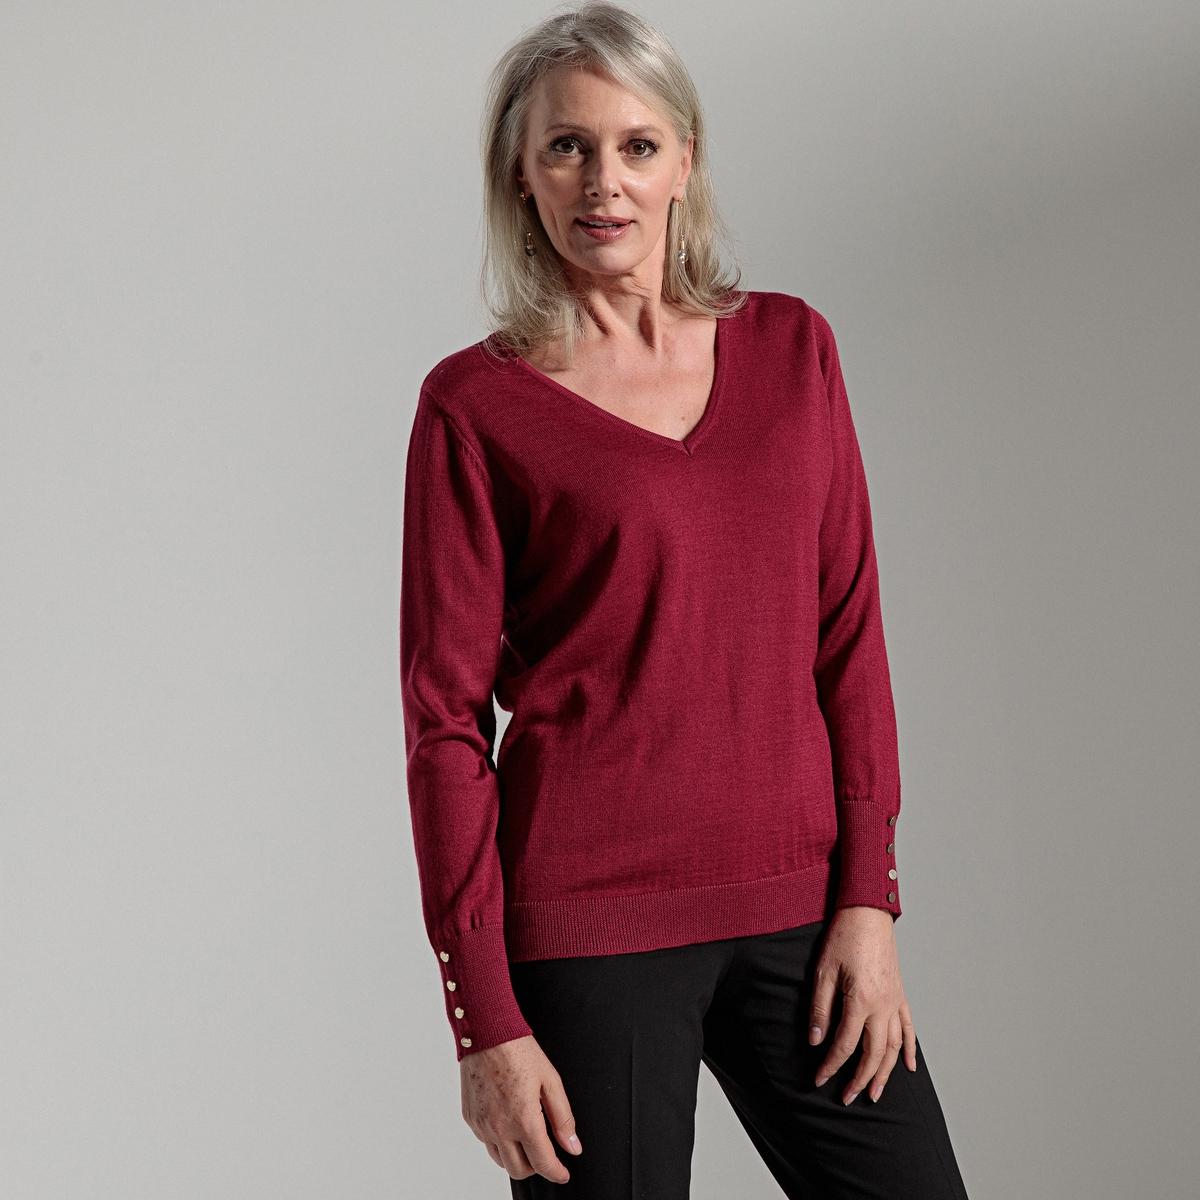 купить Пуловер с V-образным вырезом из полушерстяного тонкого трикотажа по цене 2639.2 рублей